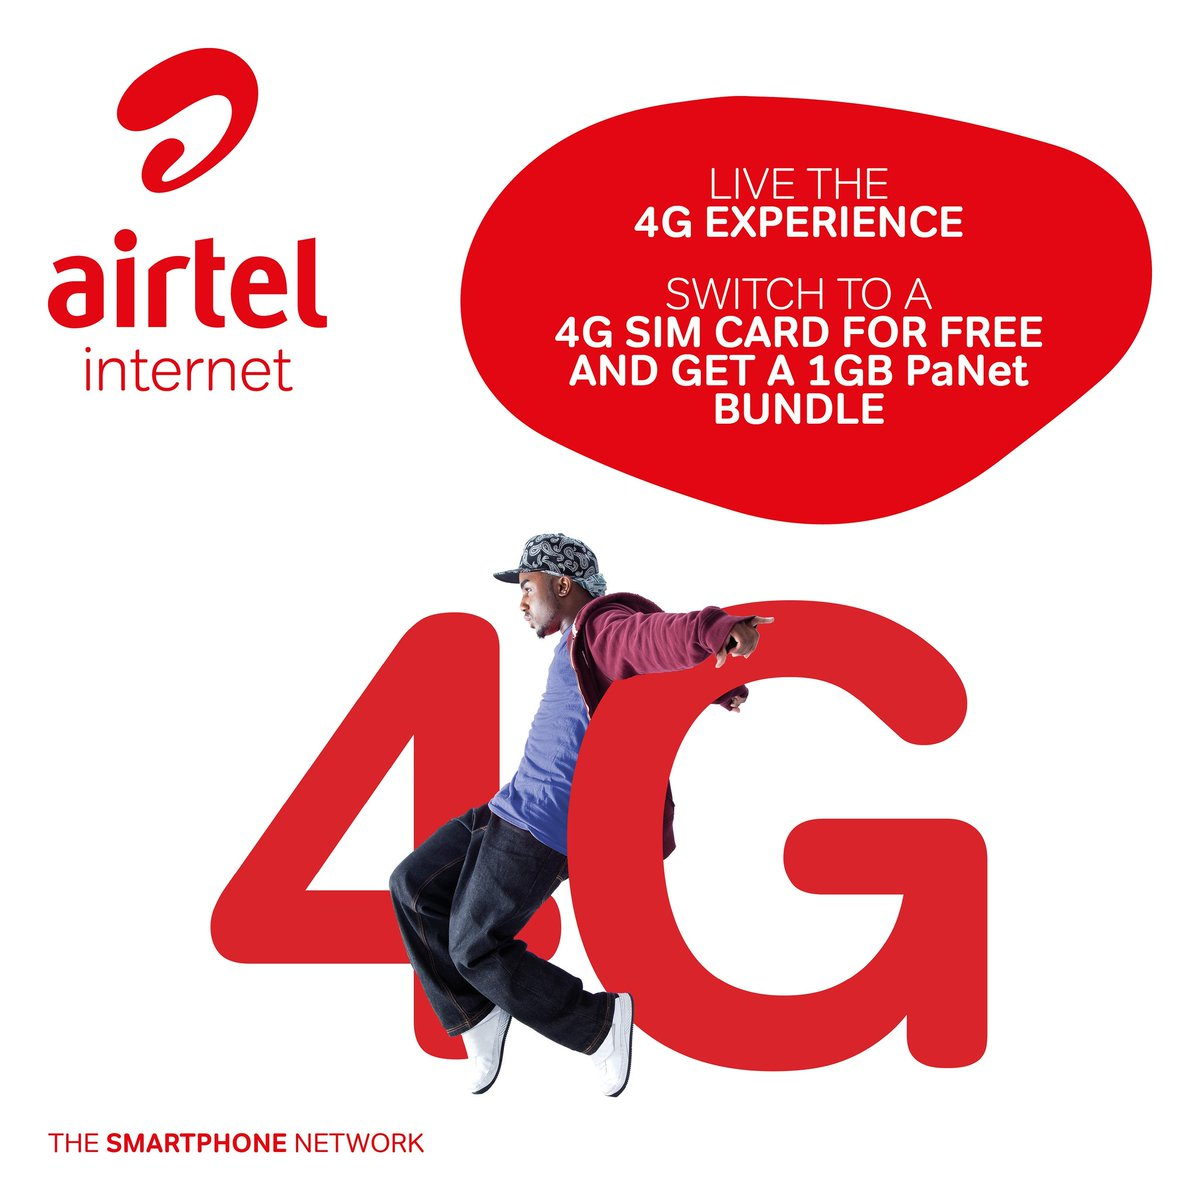 Airtel Malawi déploie des services 4G - Le ministre affirme que cela va révolutionner la technologie mobile